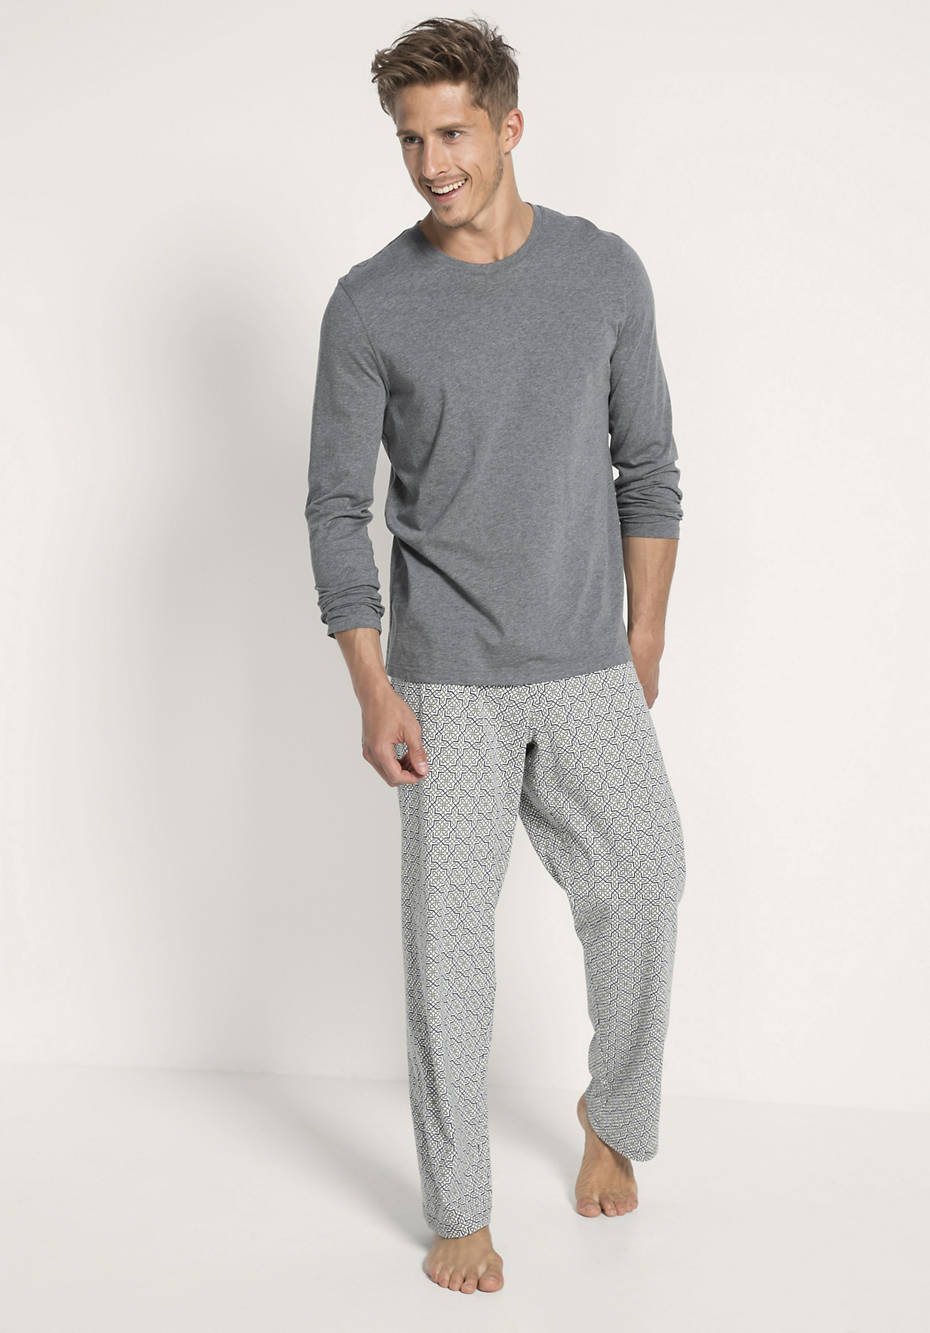 Herren Pyjama aus reiner Bio-Baumwolle